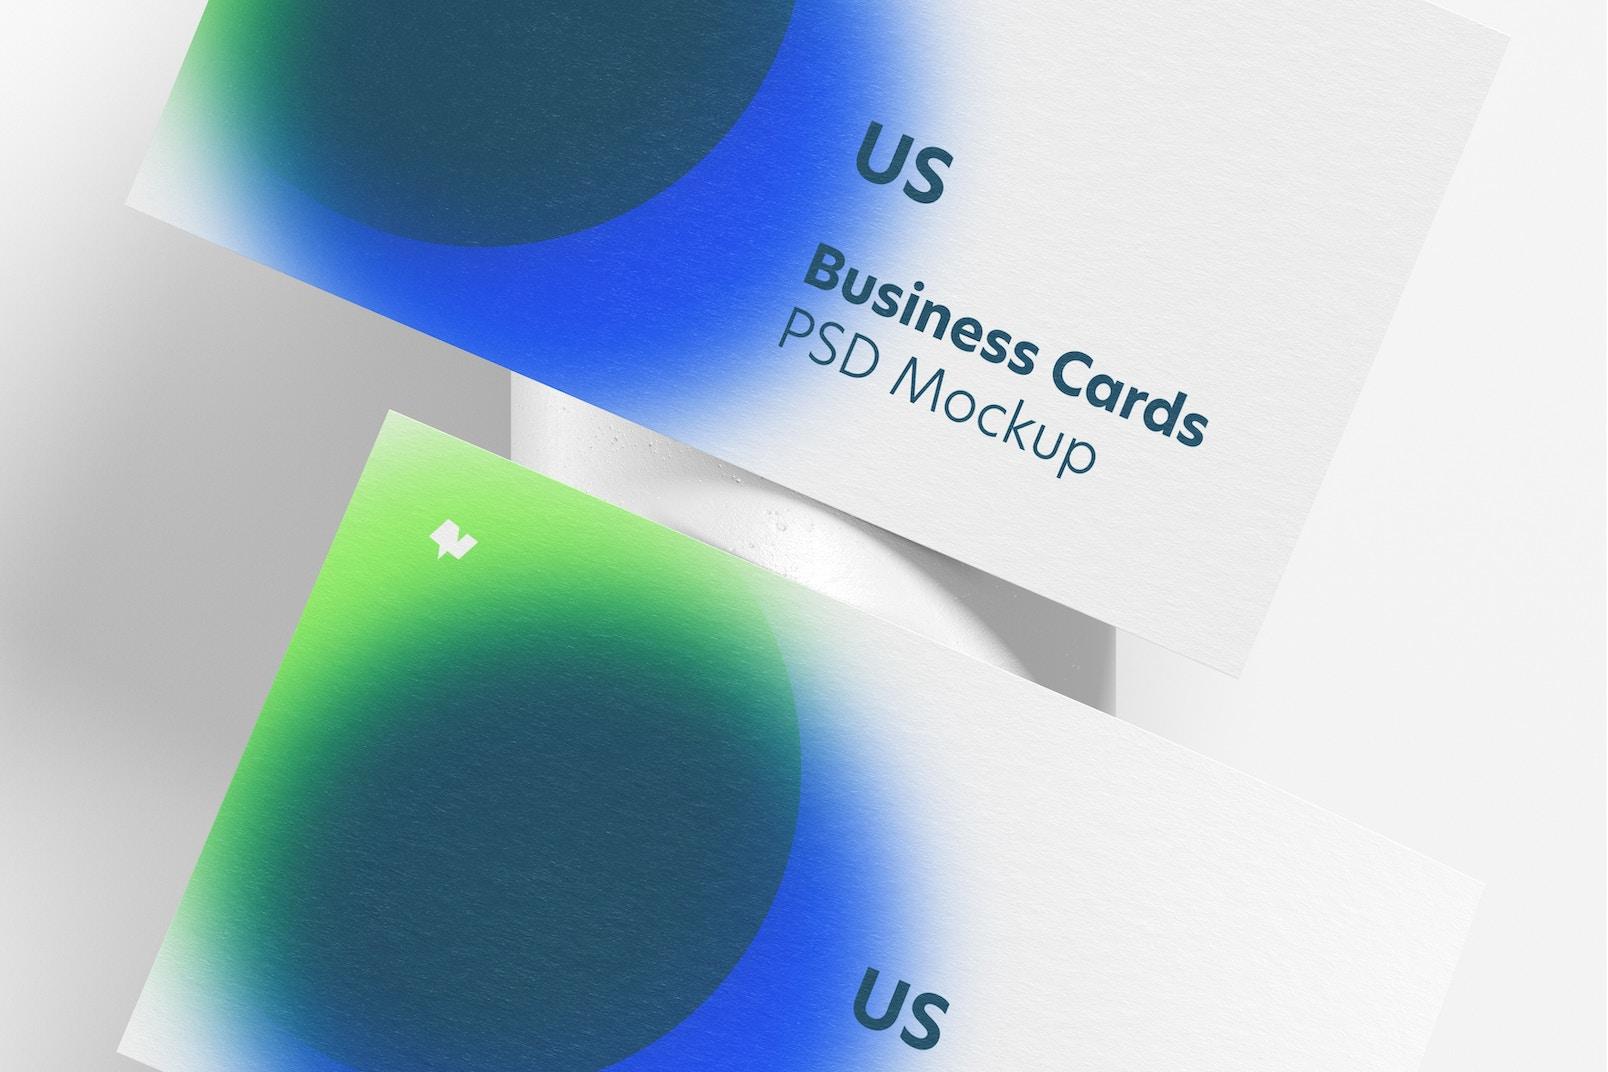 Maqueta de Tarjetas de Presentación Estados Unidos Horizontal, Vista Superior